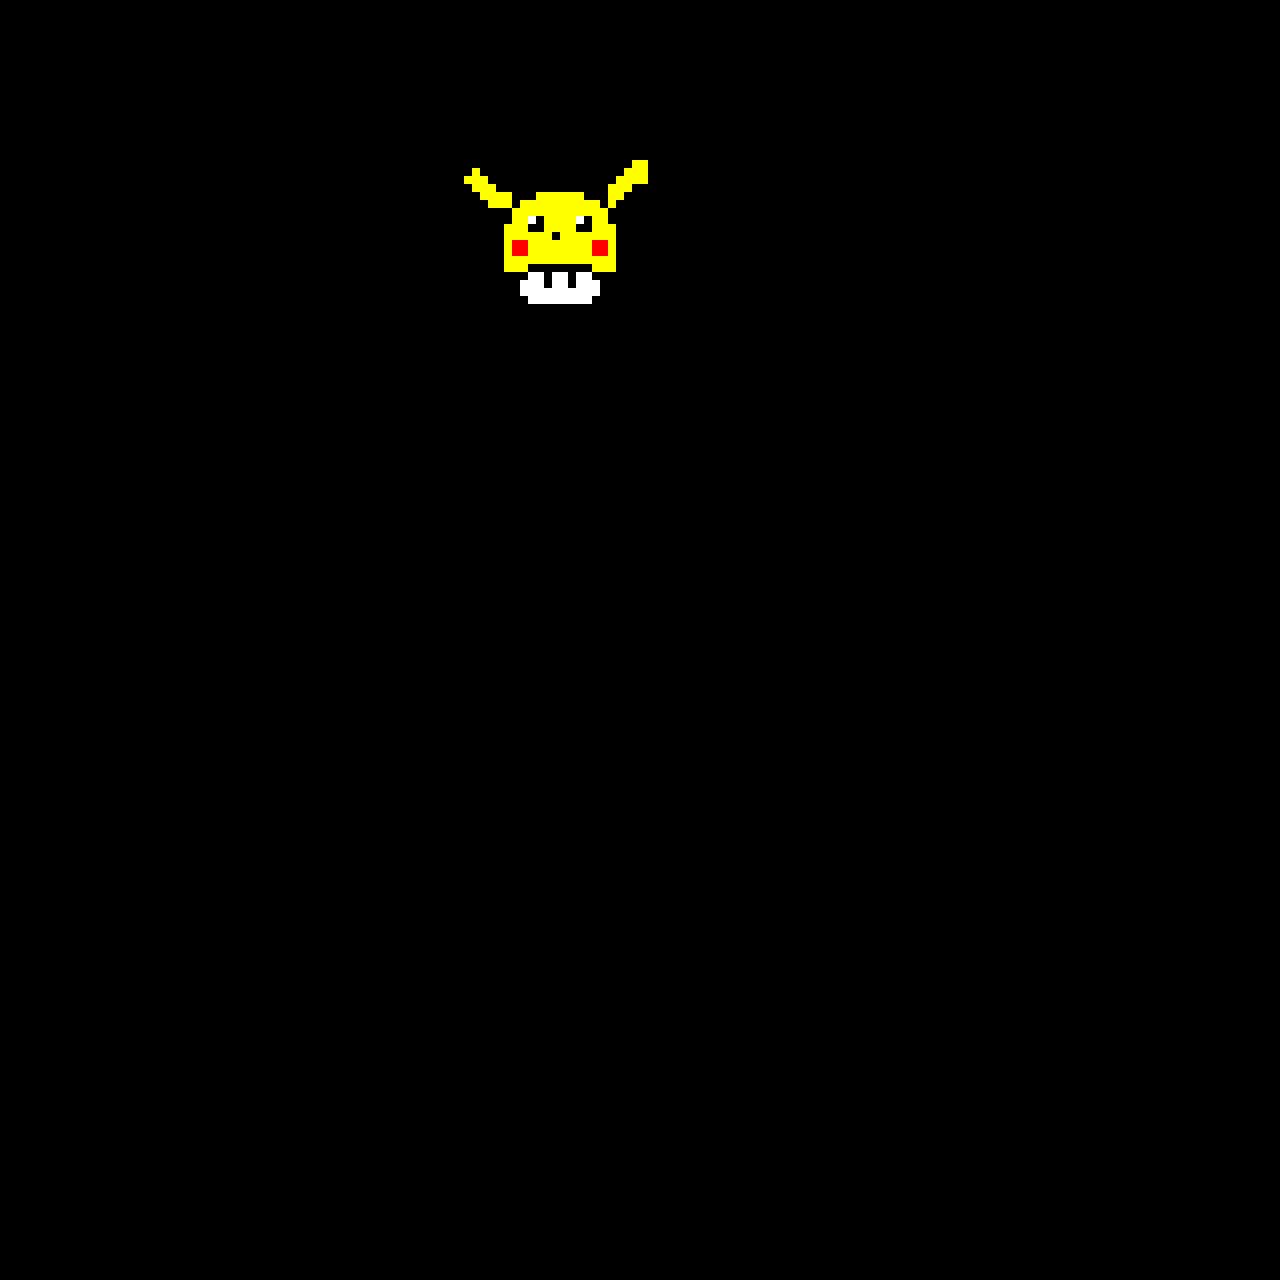 Pikachu mushroom